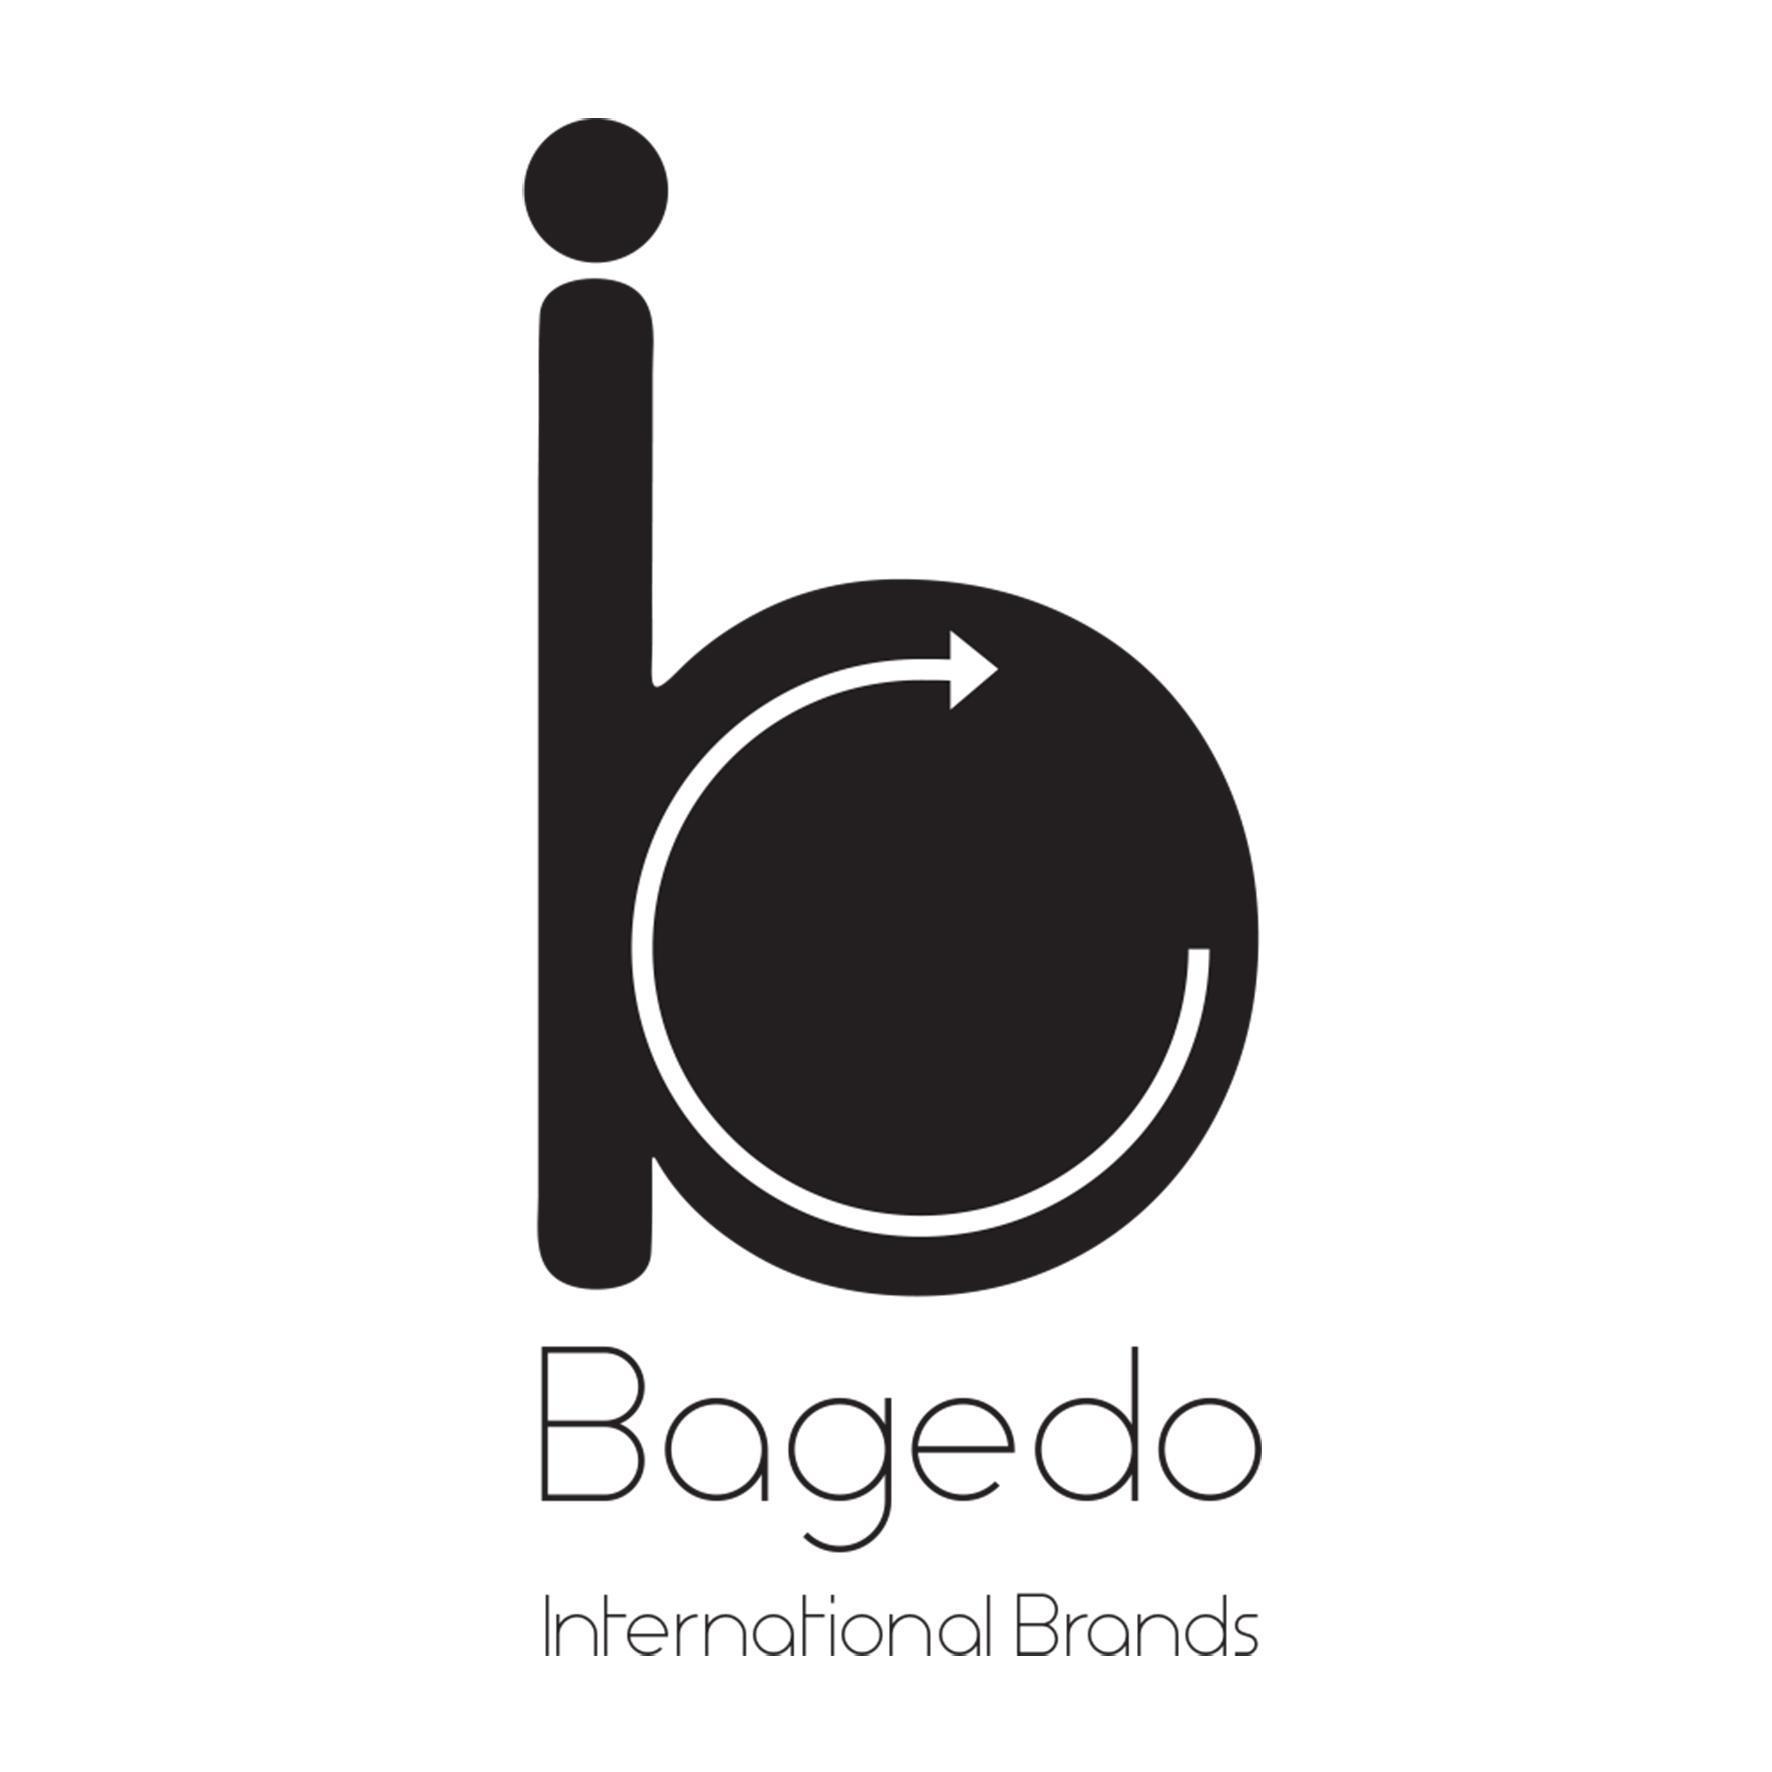 @BagedoIB